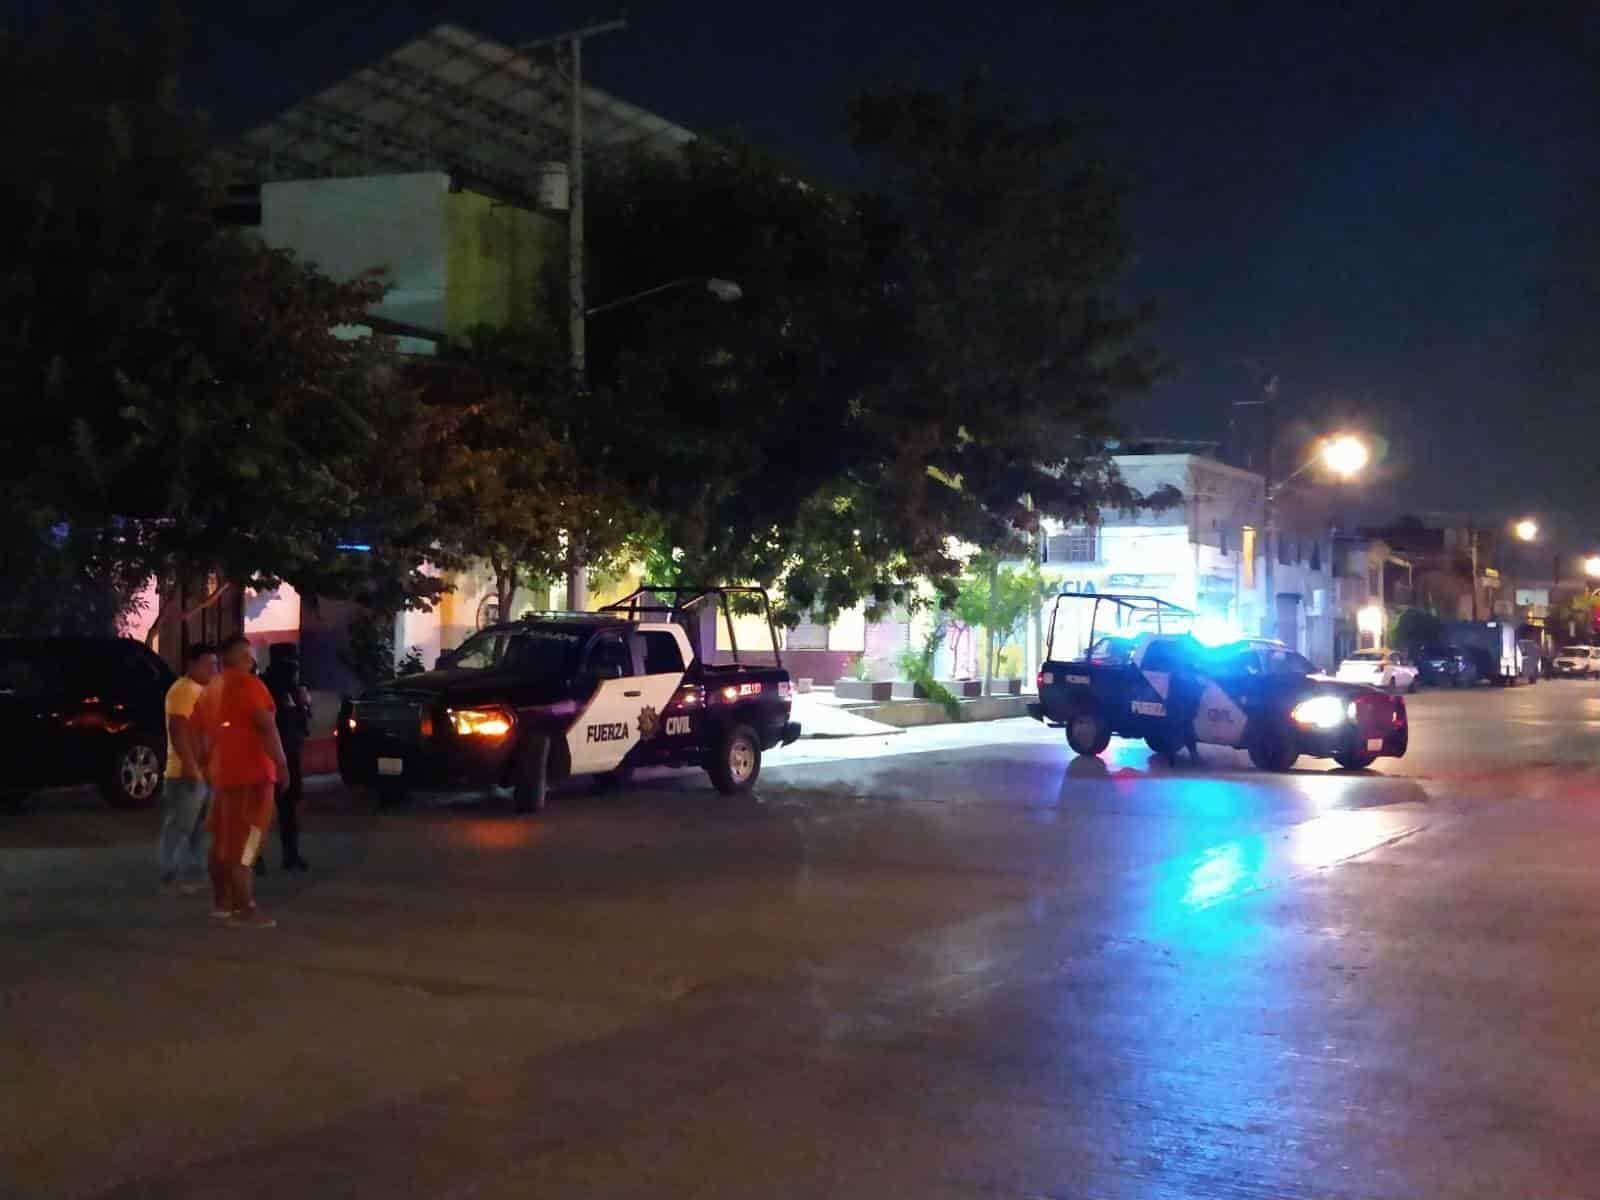 Dos jugadores resultaron con heridas por armas de fuego, al ser atacados por un par de pistoleros